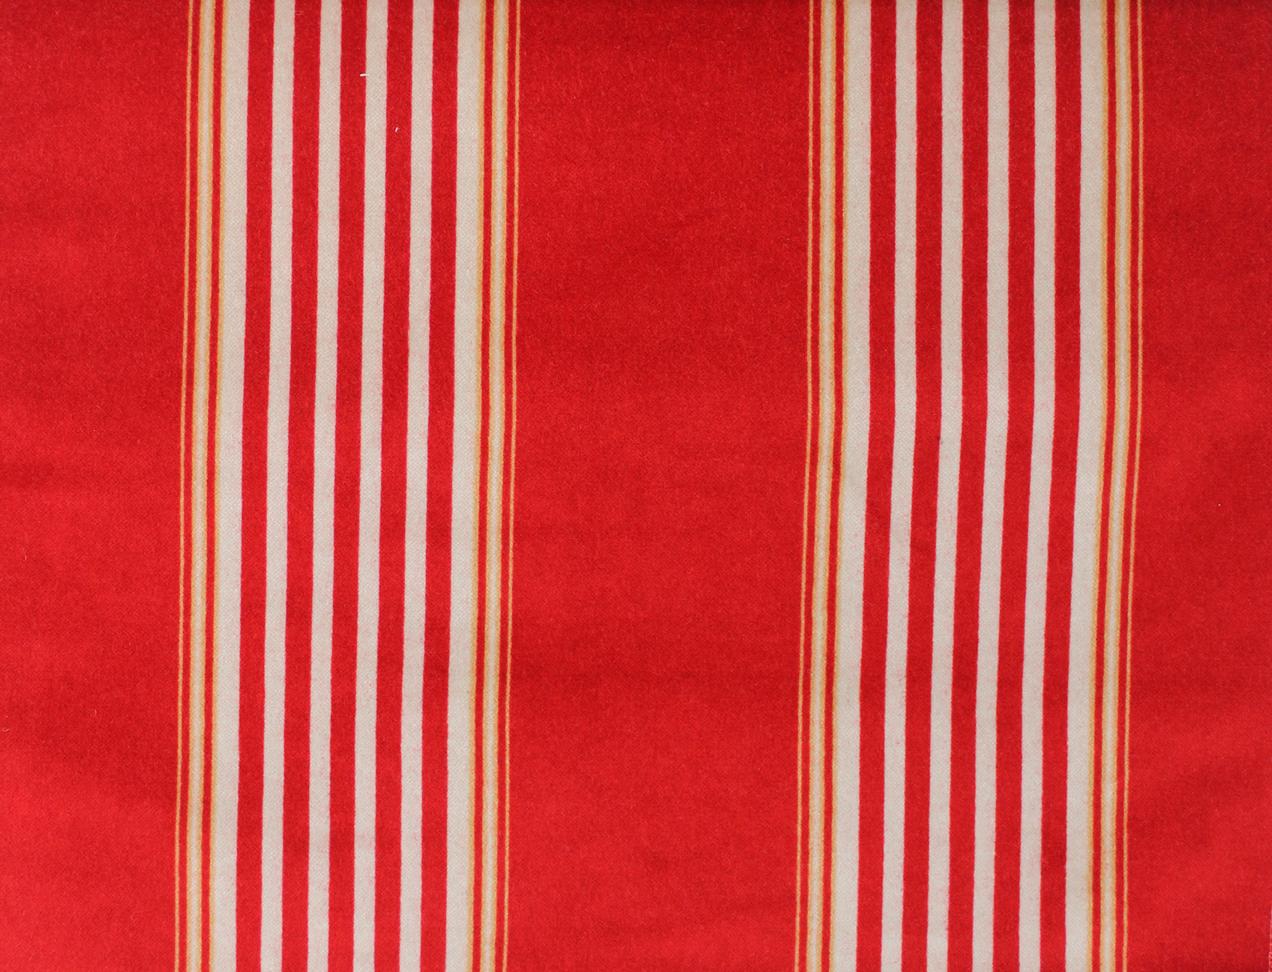 VENICE STRIPE Red/Beige